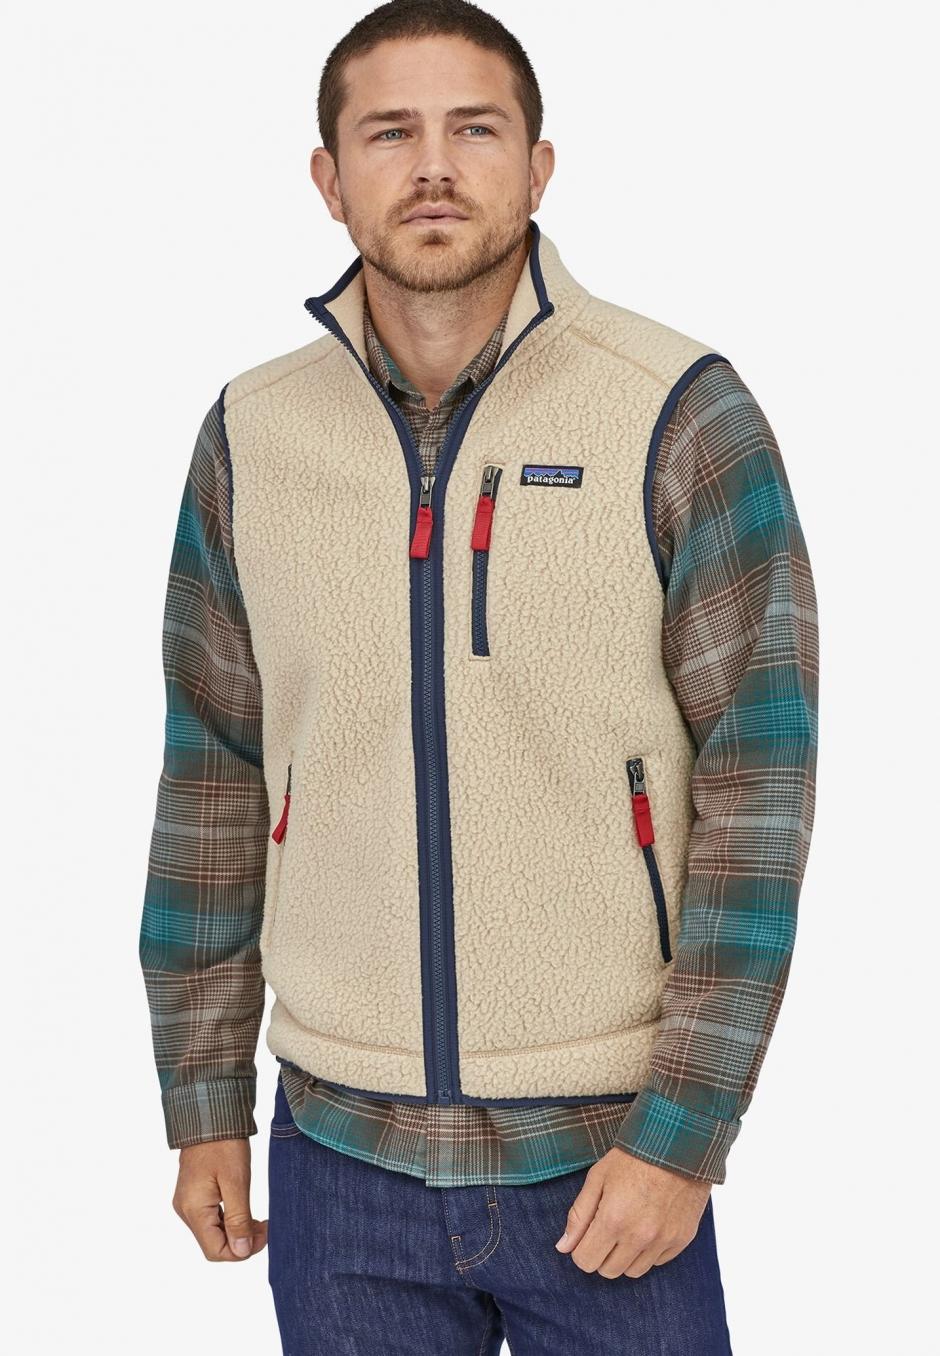 Patagonia M's Retro Pile Fleece Vest